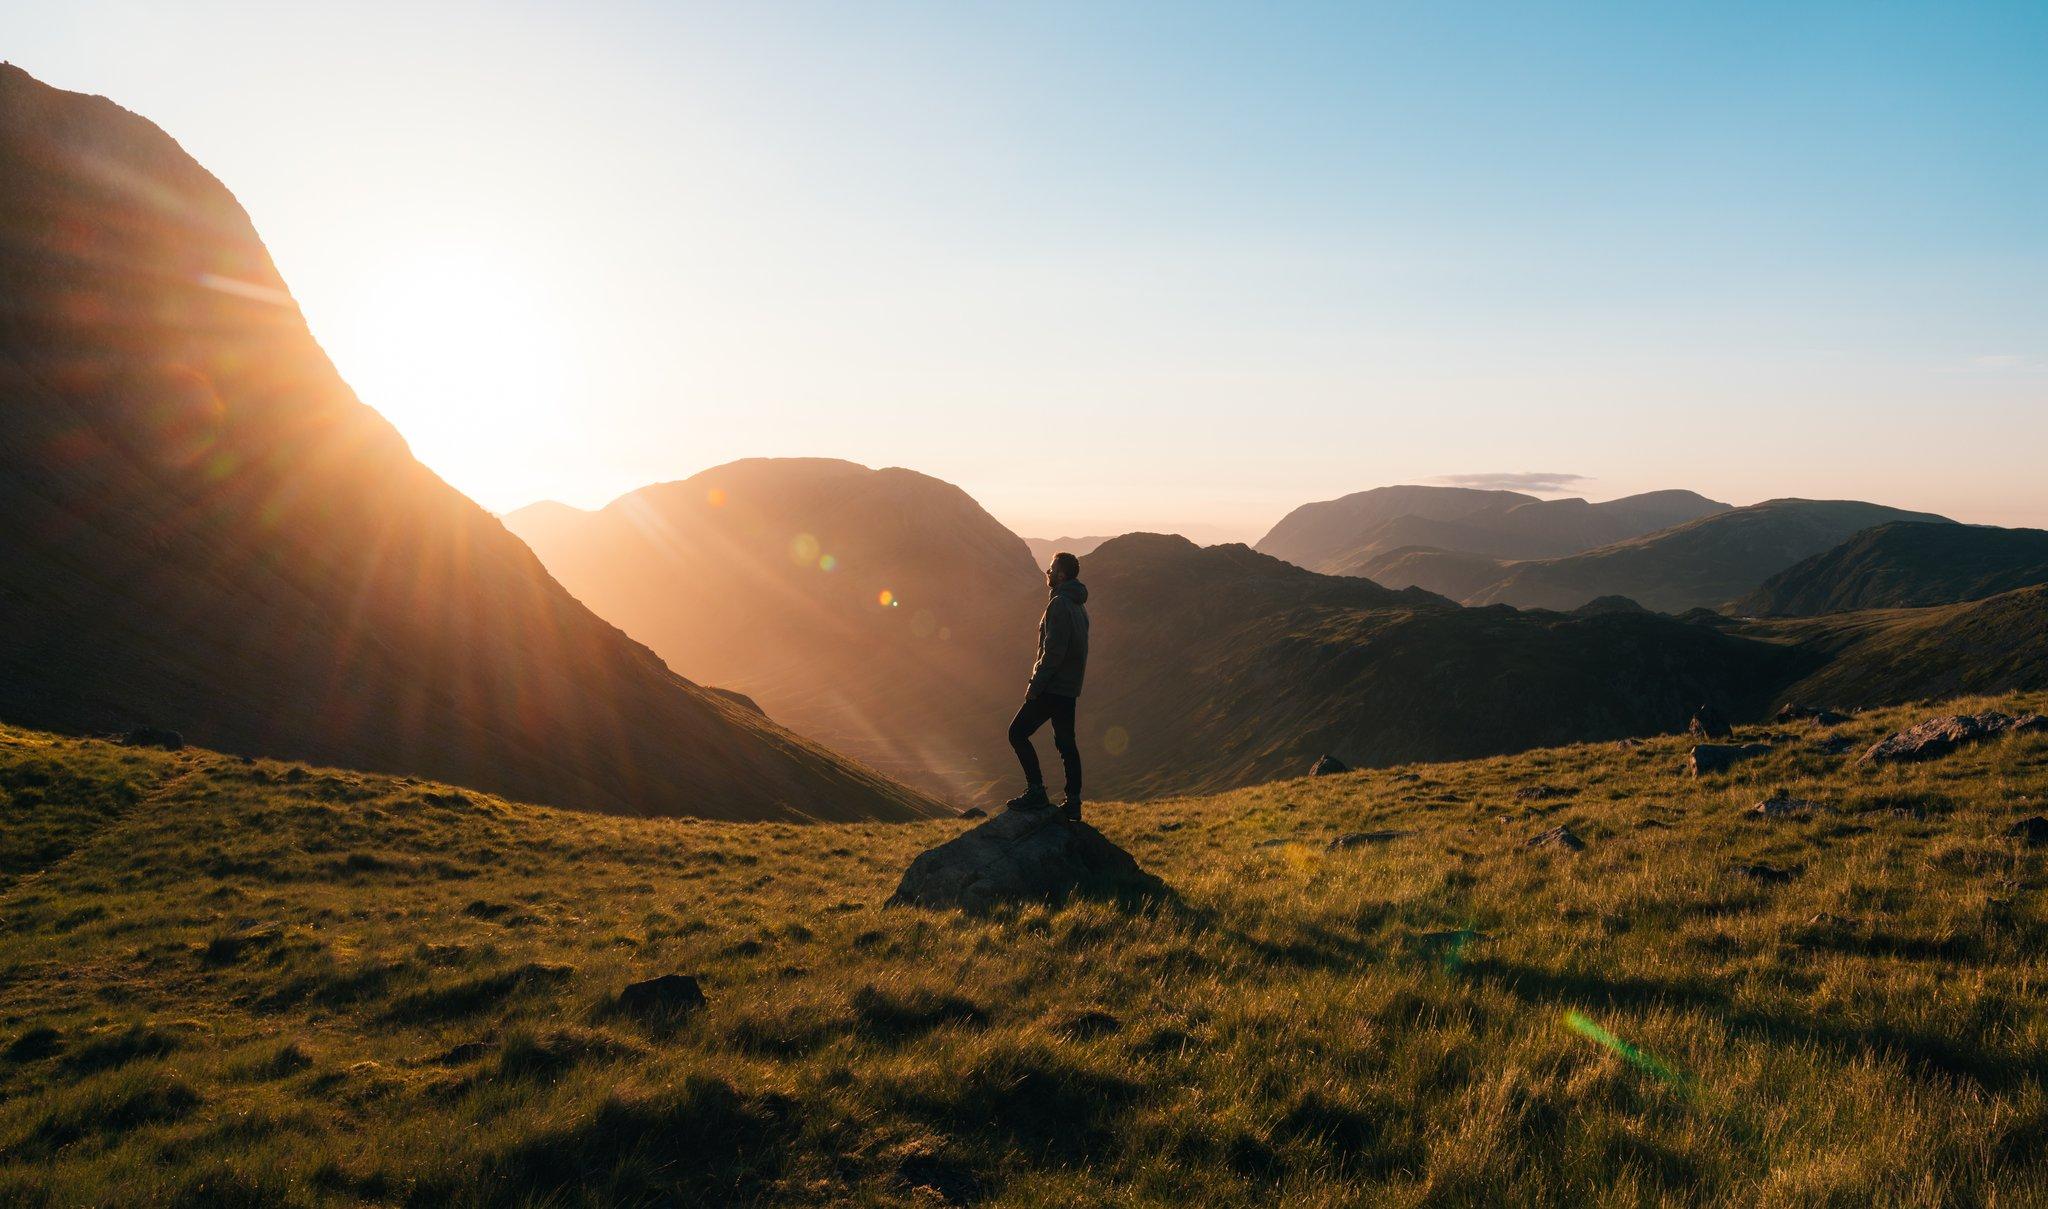 fotografiar la silueta de un hombre en una montaña al amanecer